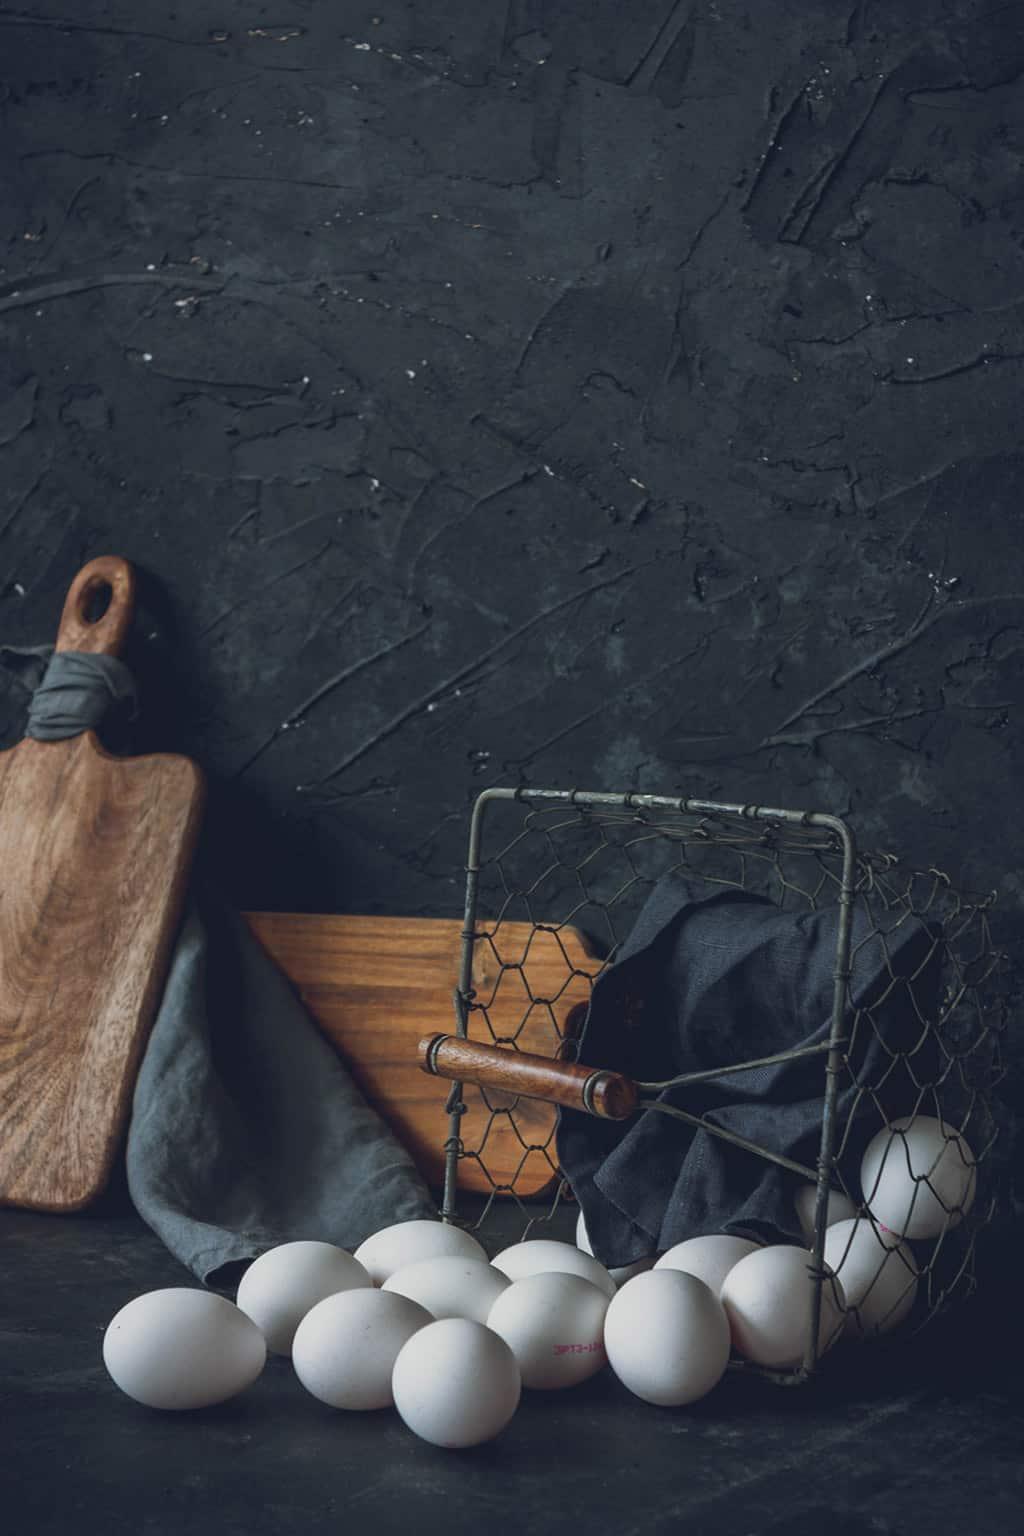 Como pintar huevos de pascua